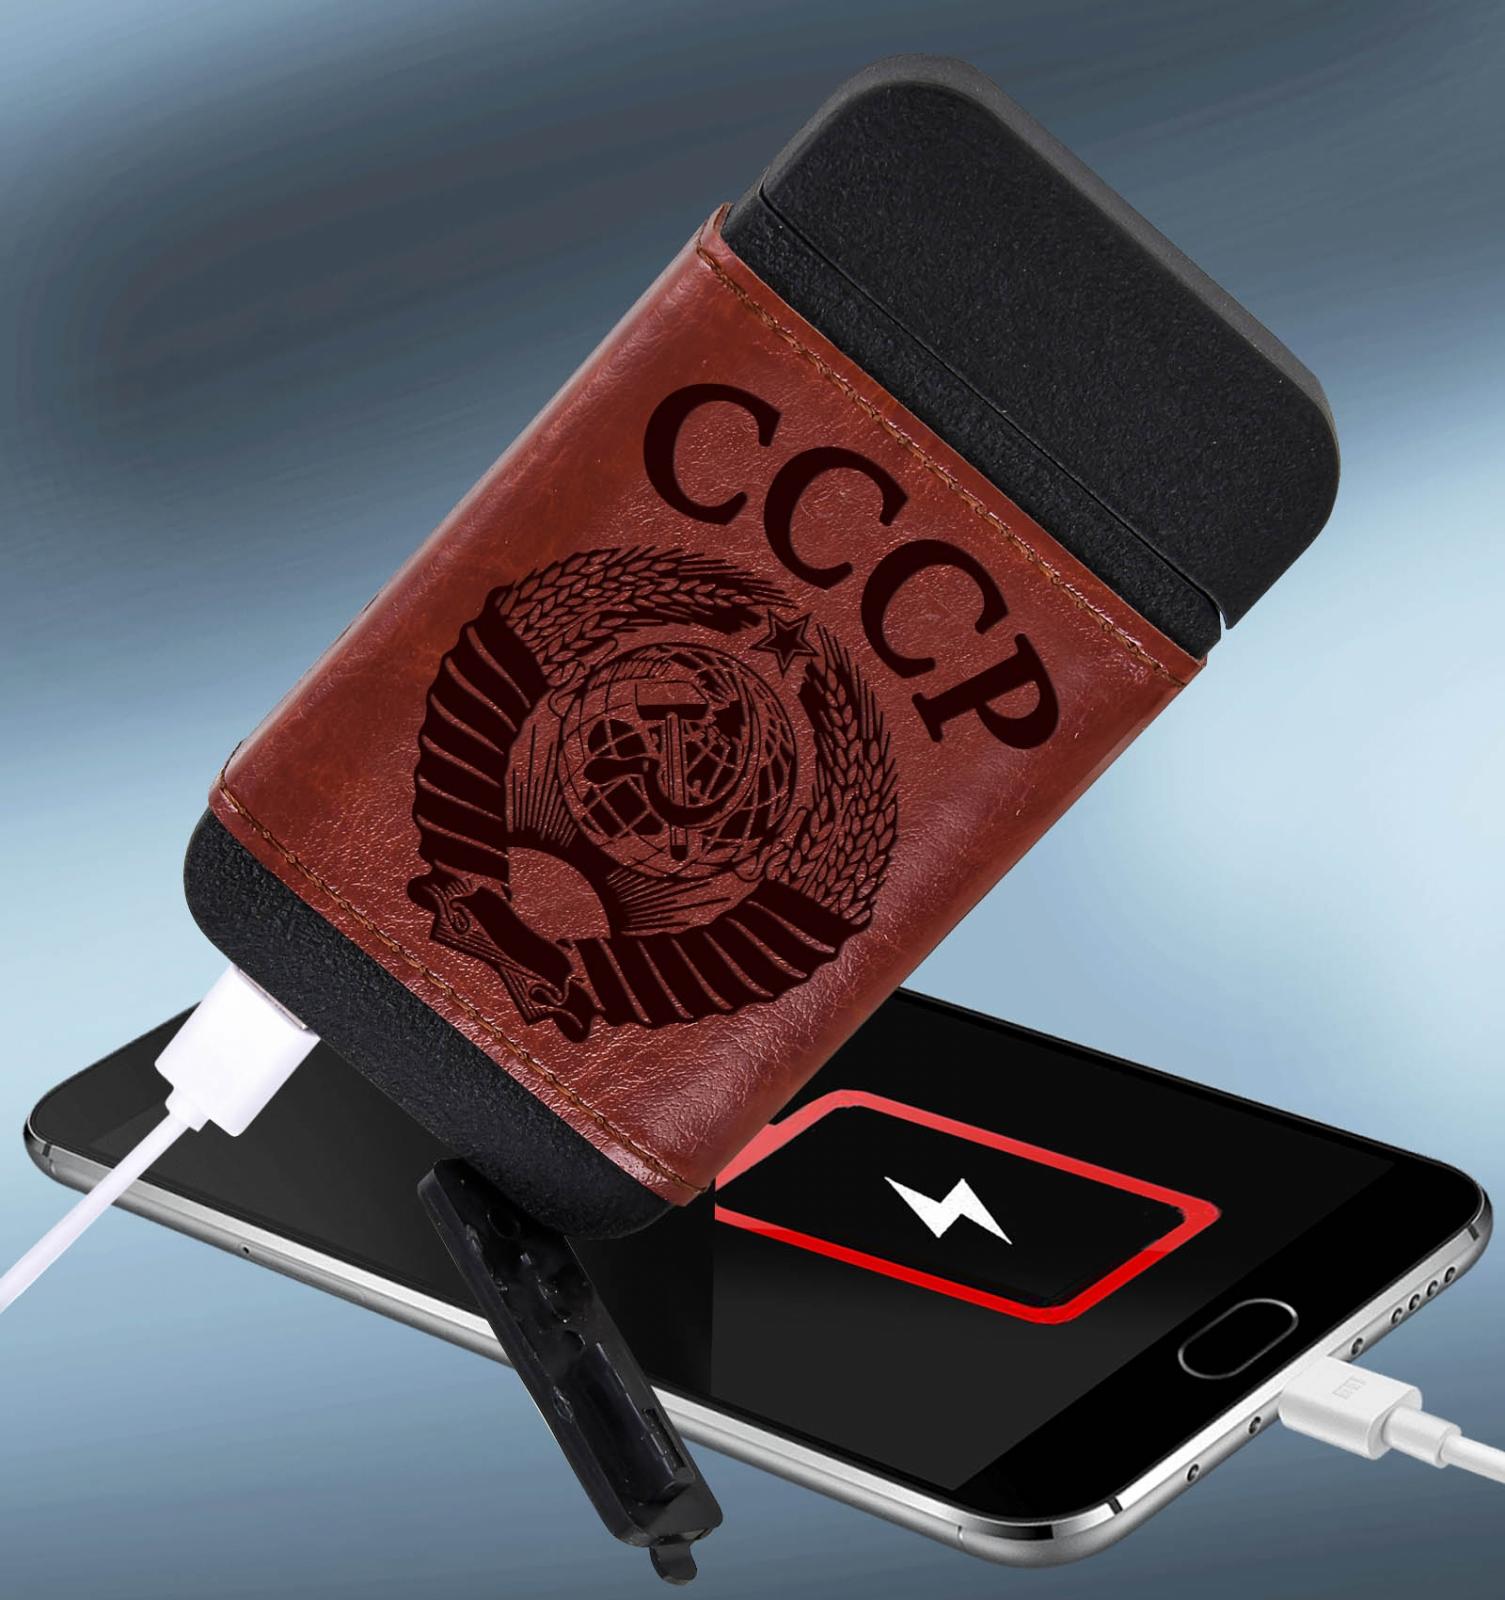 Тактическая зажигалка Power Bank с гербом СССР